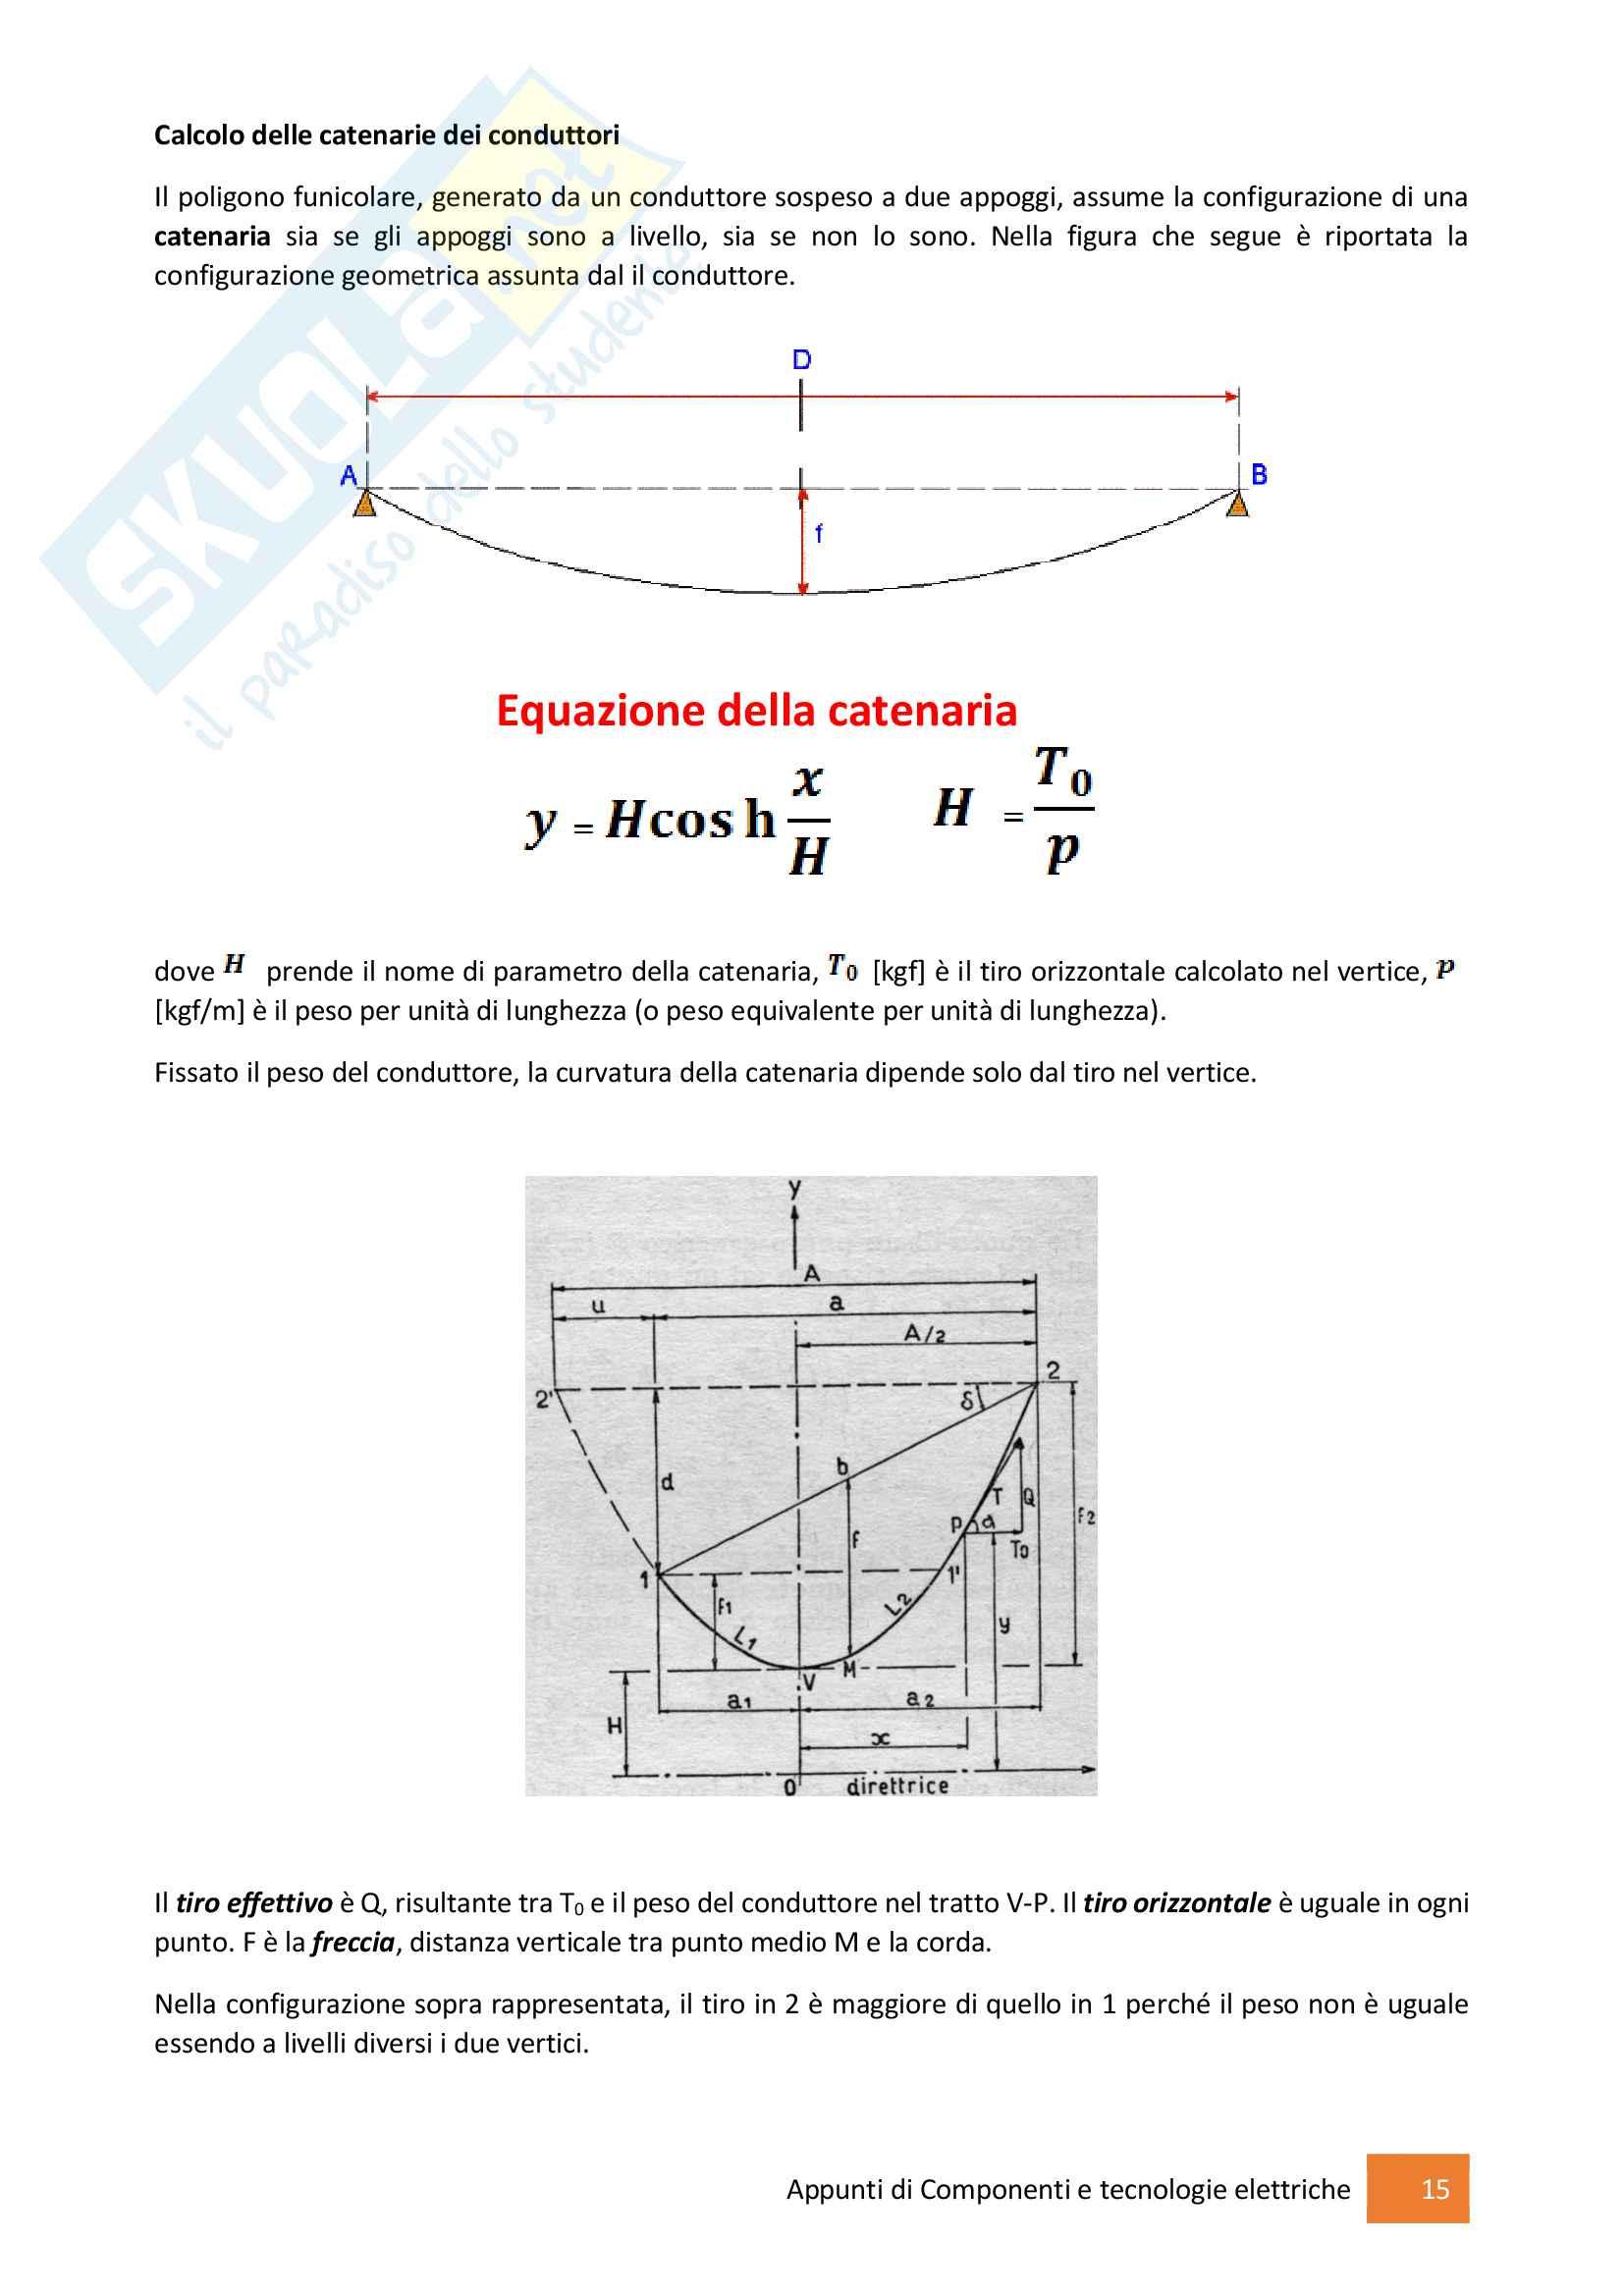 Componenti e Tecnologie Elettriche Pag. 16